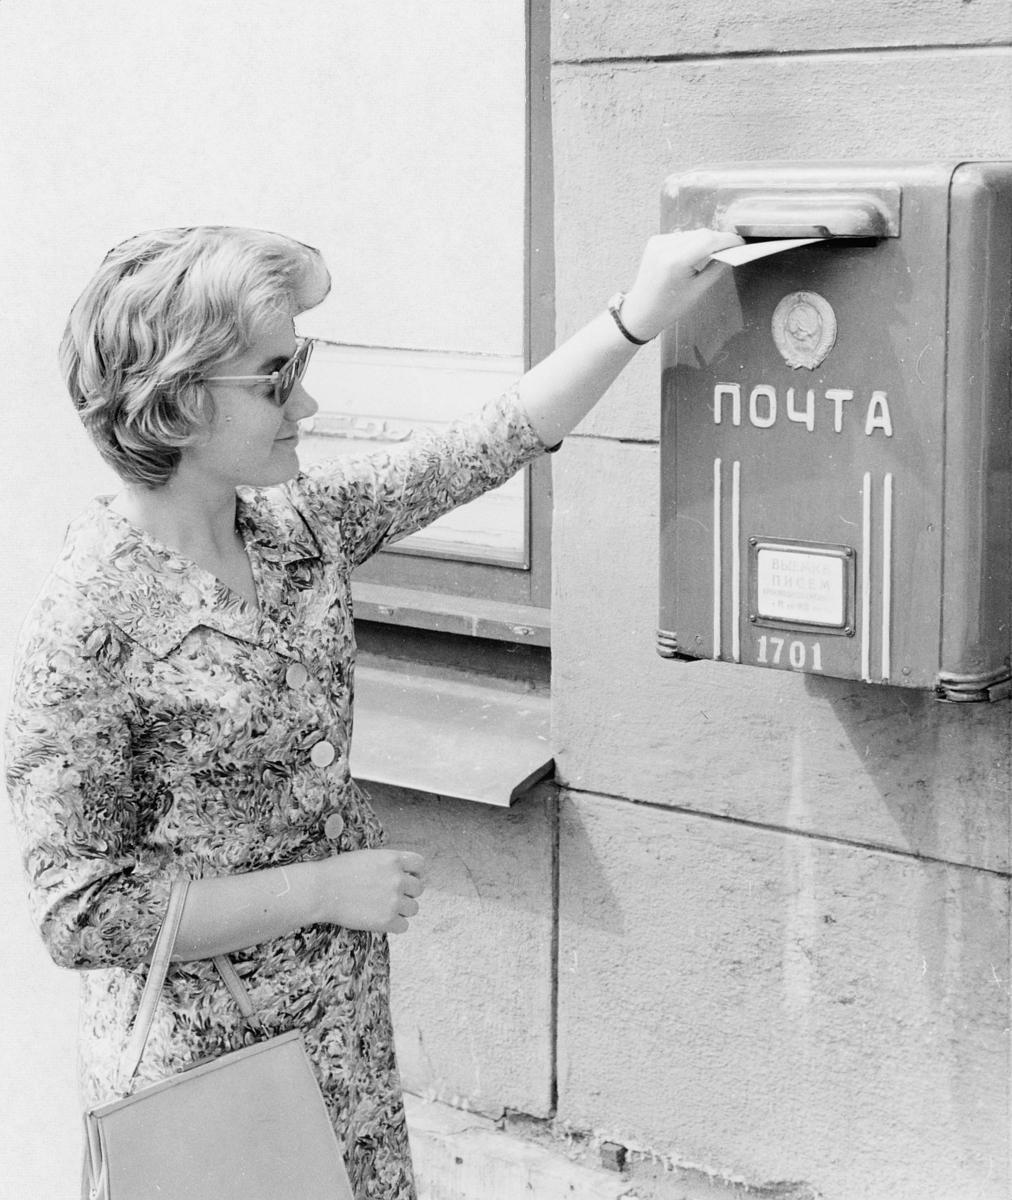 postkasser, utland, Moskva, festet på vegg, dame, eksteriør